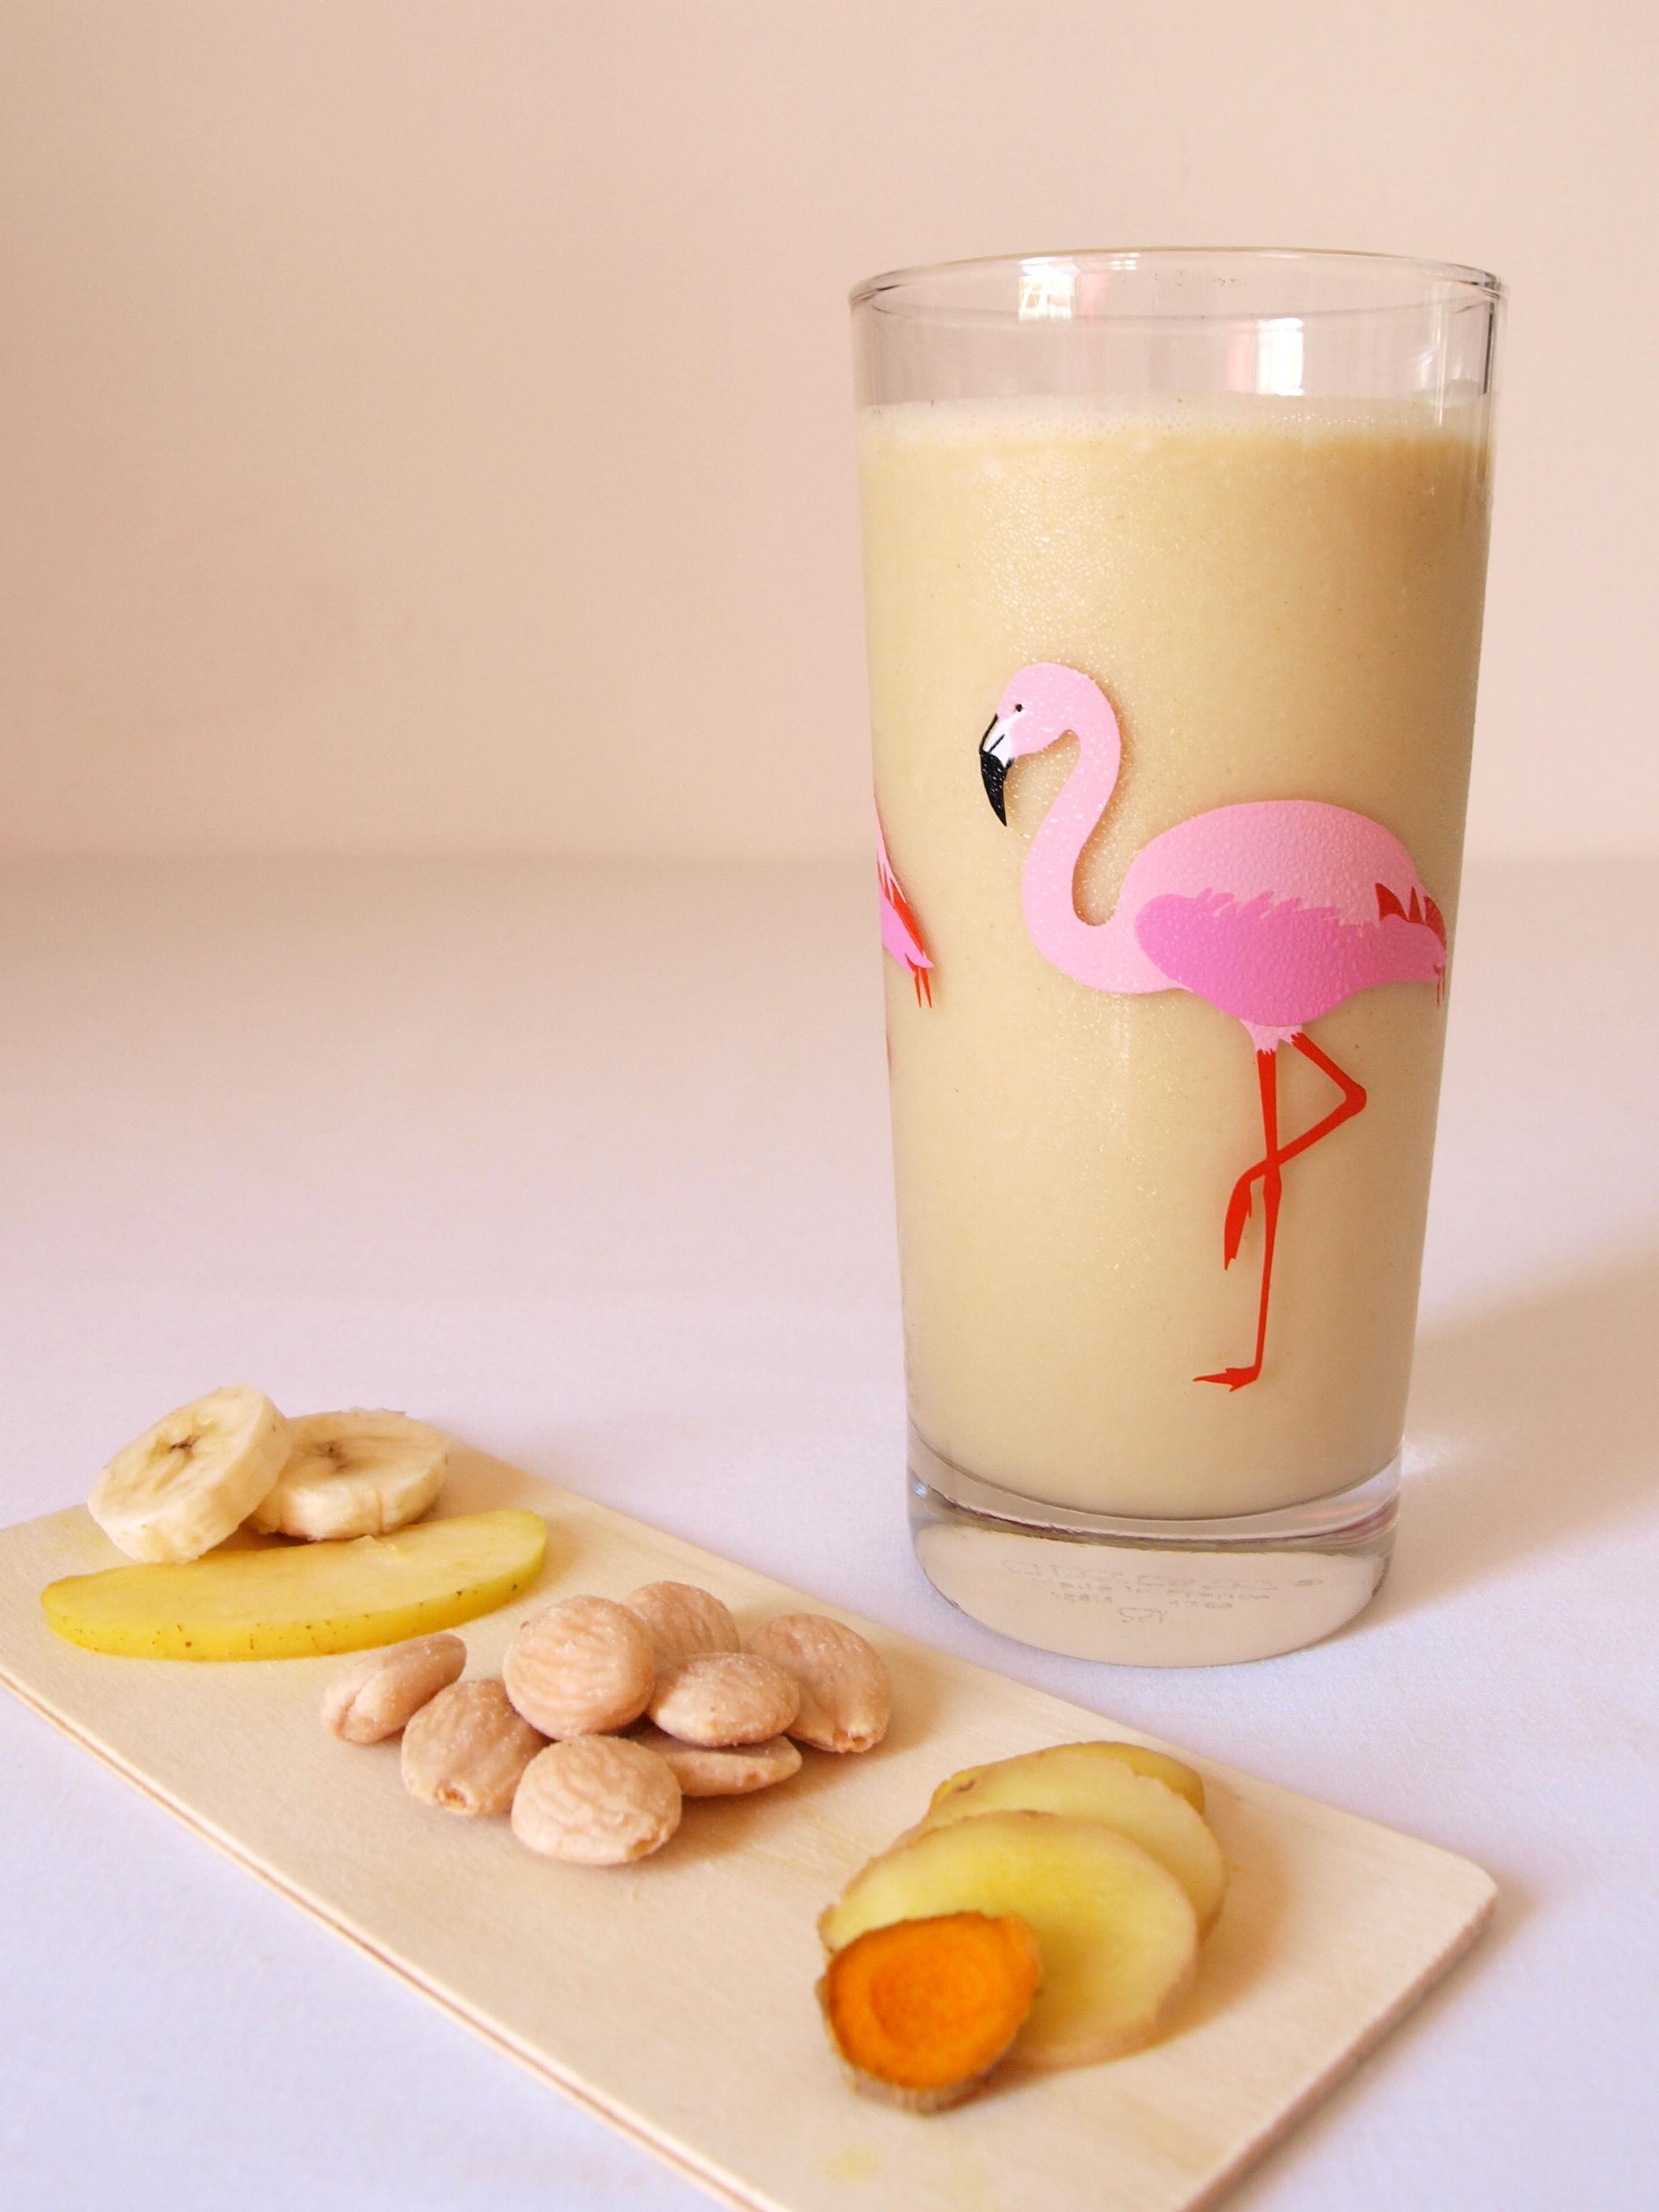 Receta de batido vegano de plátano y manzana con jengibre y cúrcuma